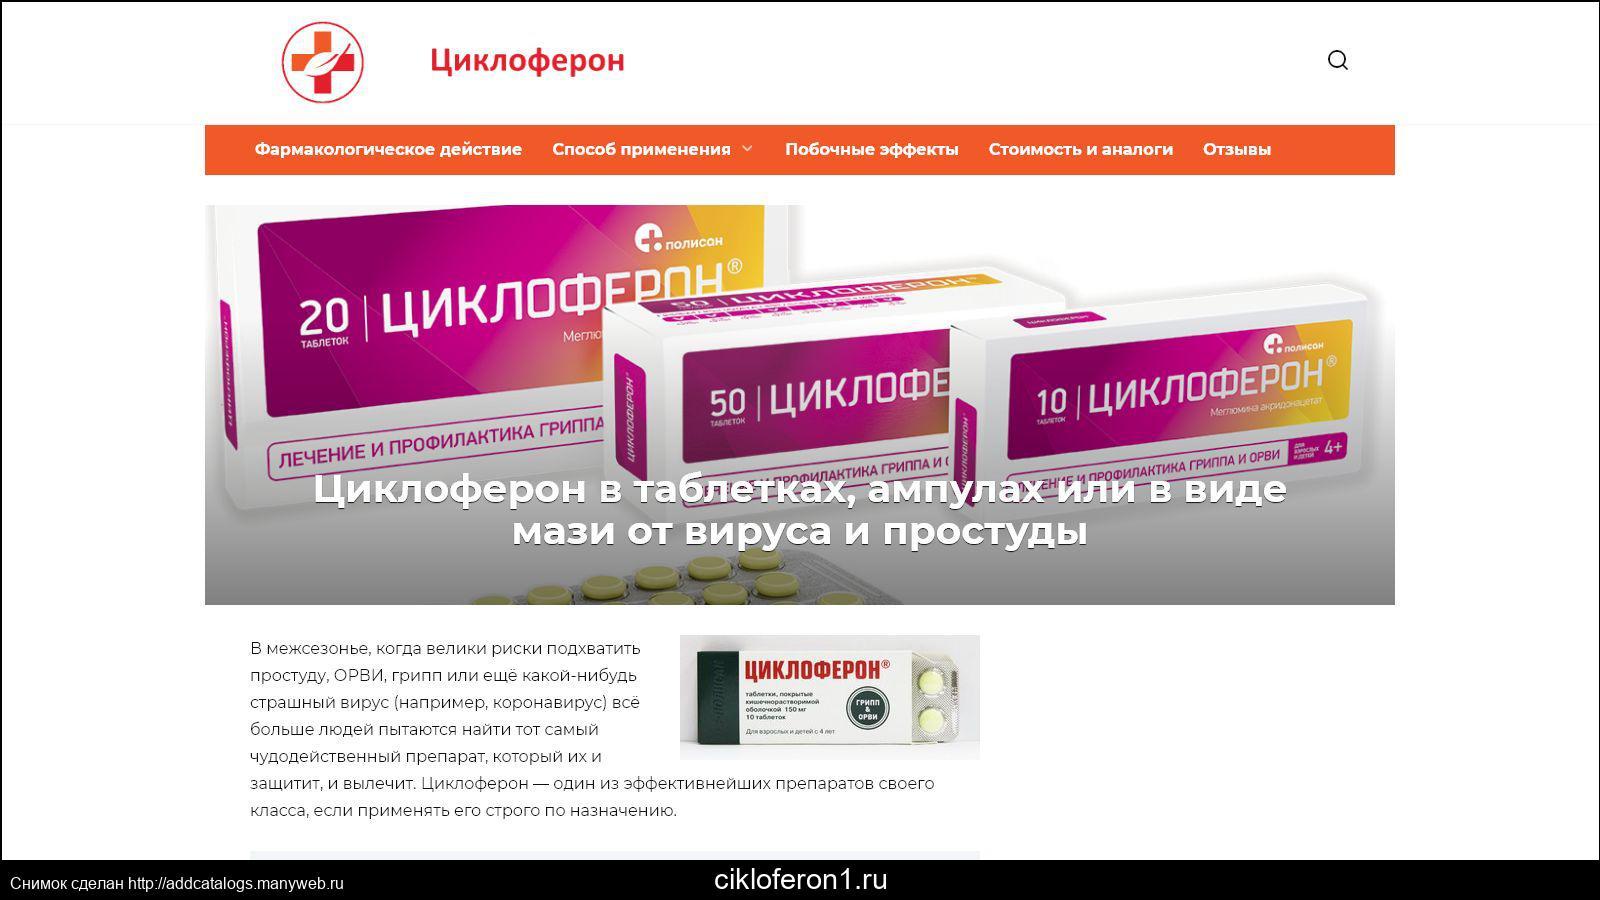 Циклоферон уколы и таблетки: инструкция, отзывы, аналоги